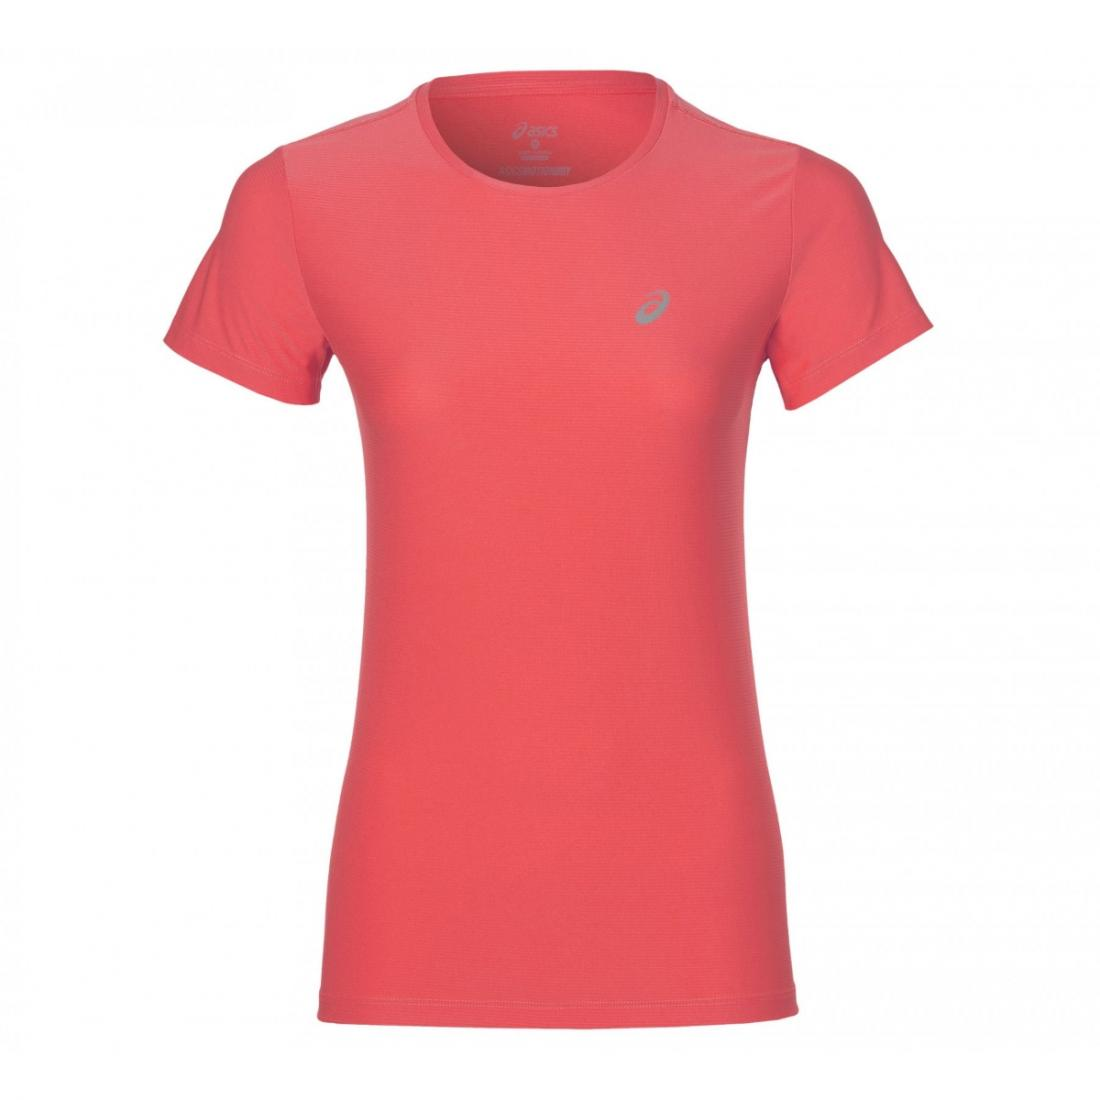 Футболка SS TOPФутболки, поло<br><br>Женская футболка ASICS SS TOP выполнена из качественной трикотажной ткани с волокнами полиэстера, отлично пропускает воздух и быстро отводит лишнюю влагу наружу, оставляя тело сухим даже во время интенсивных тренировок. Подойдет как для занятий спор...